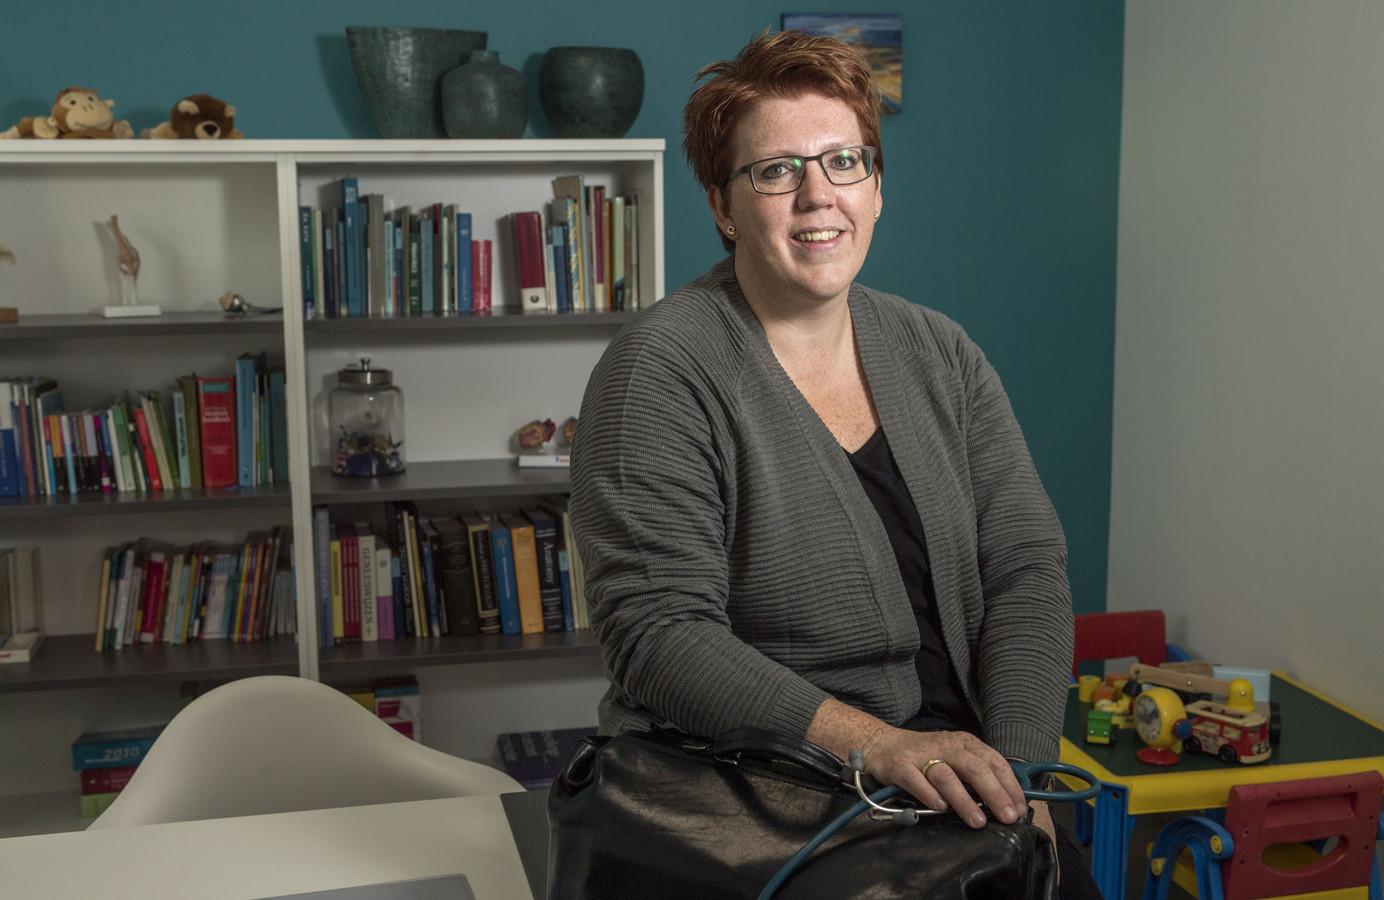 Miriam Doornweerd nam in januari een bestaande dokterspraktijk over en heeft veel lol in haar werk